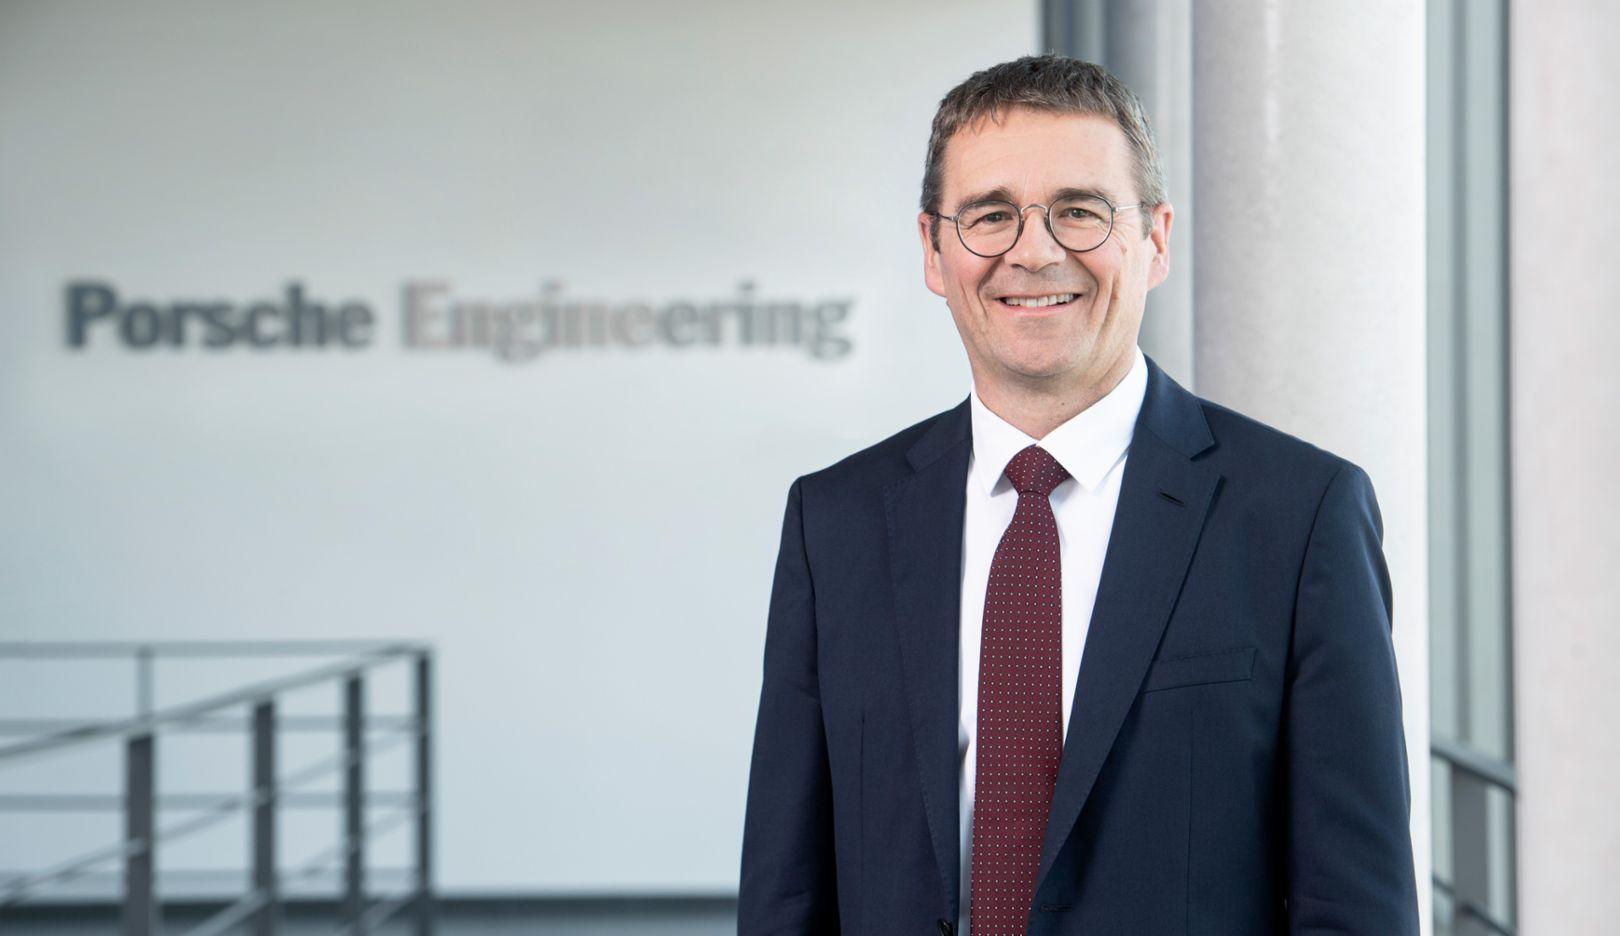 Dr. Peter Schäfer, Chairman of the Management Board of Porsche Engineering, 2019, Porsche AG